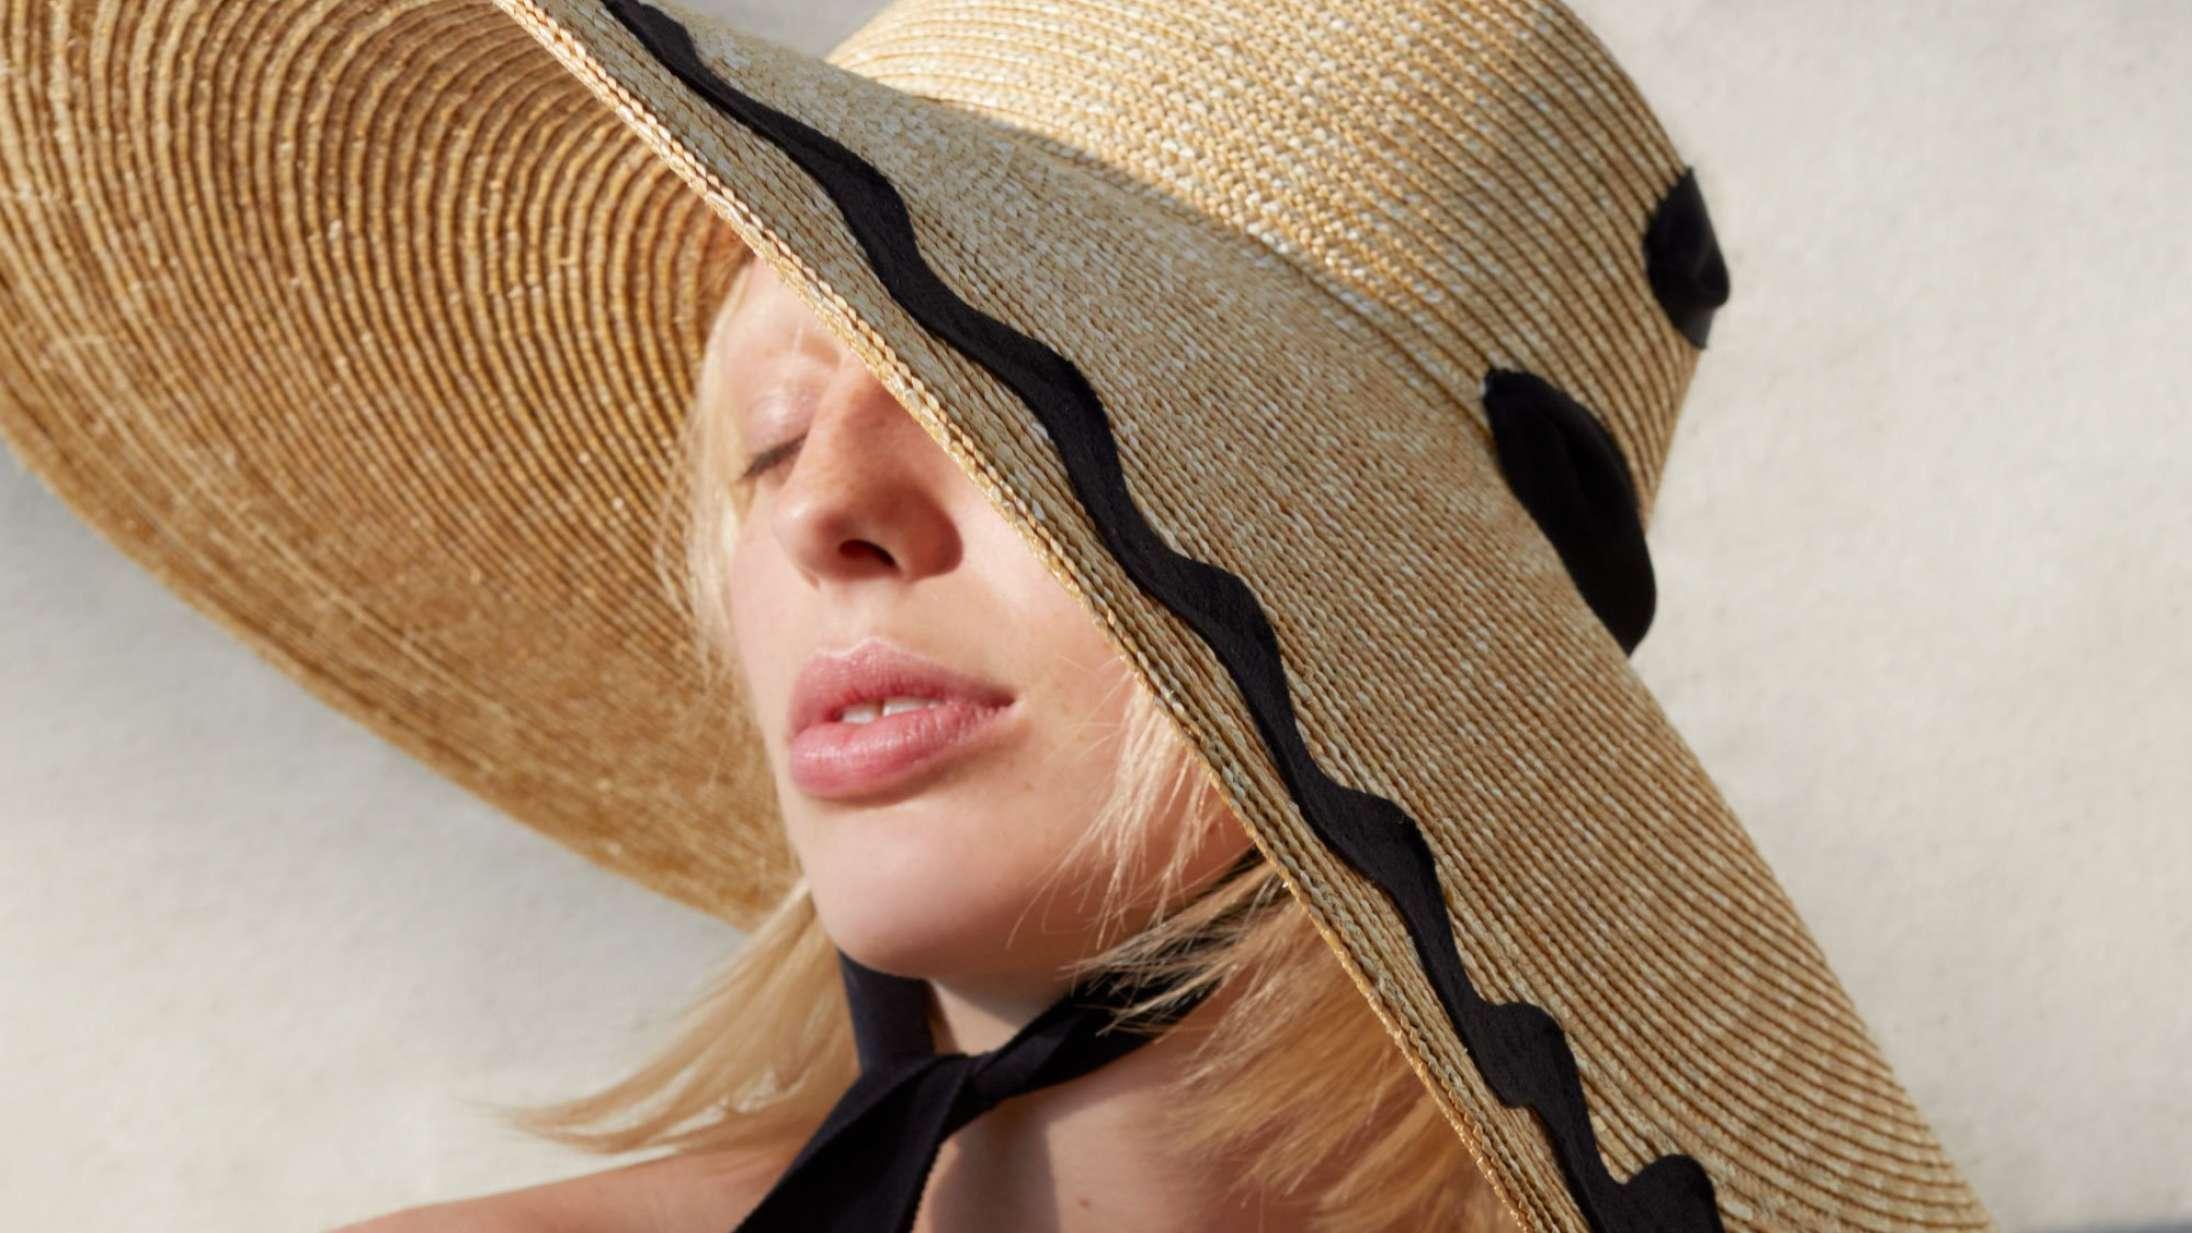 Sommerhatte: Disse ville stylisten købe sig fattig i